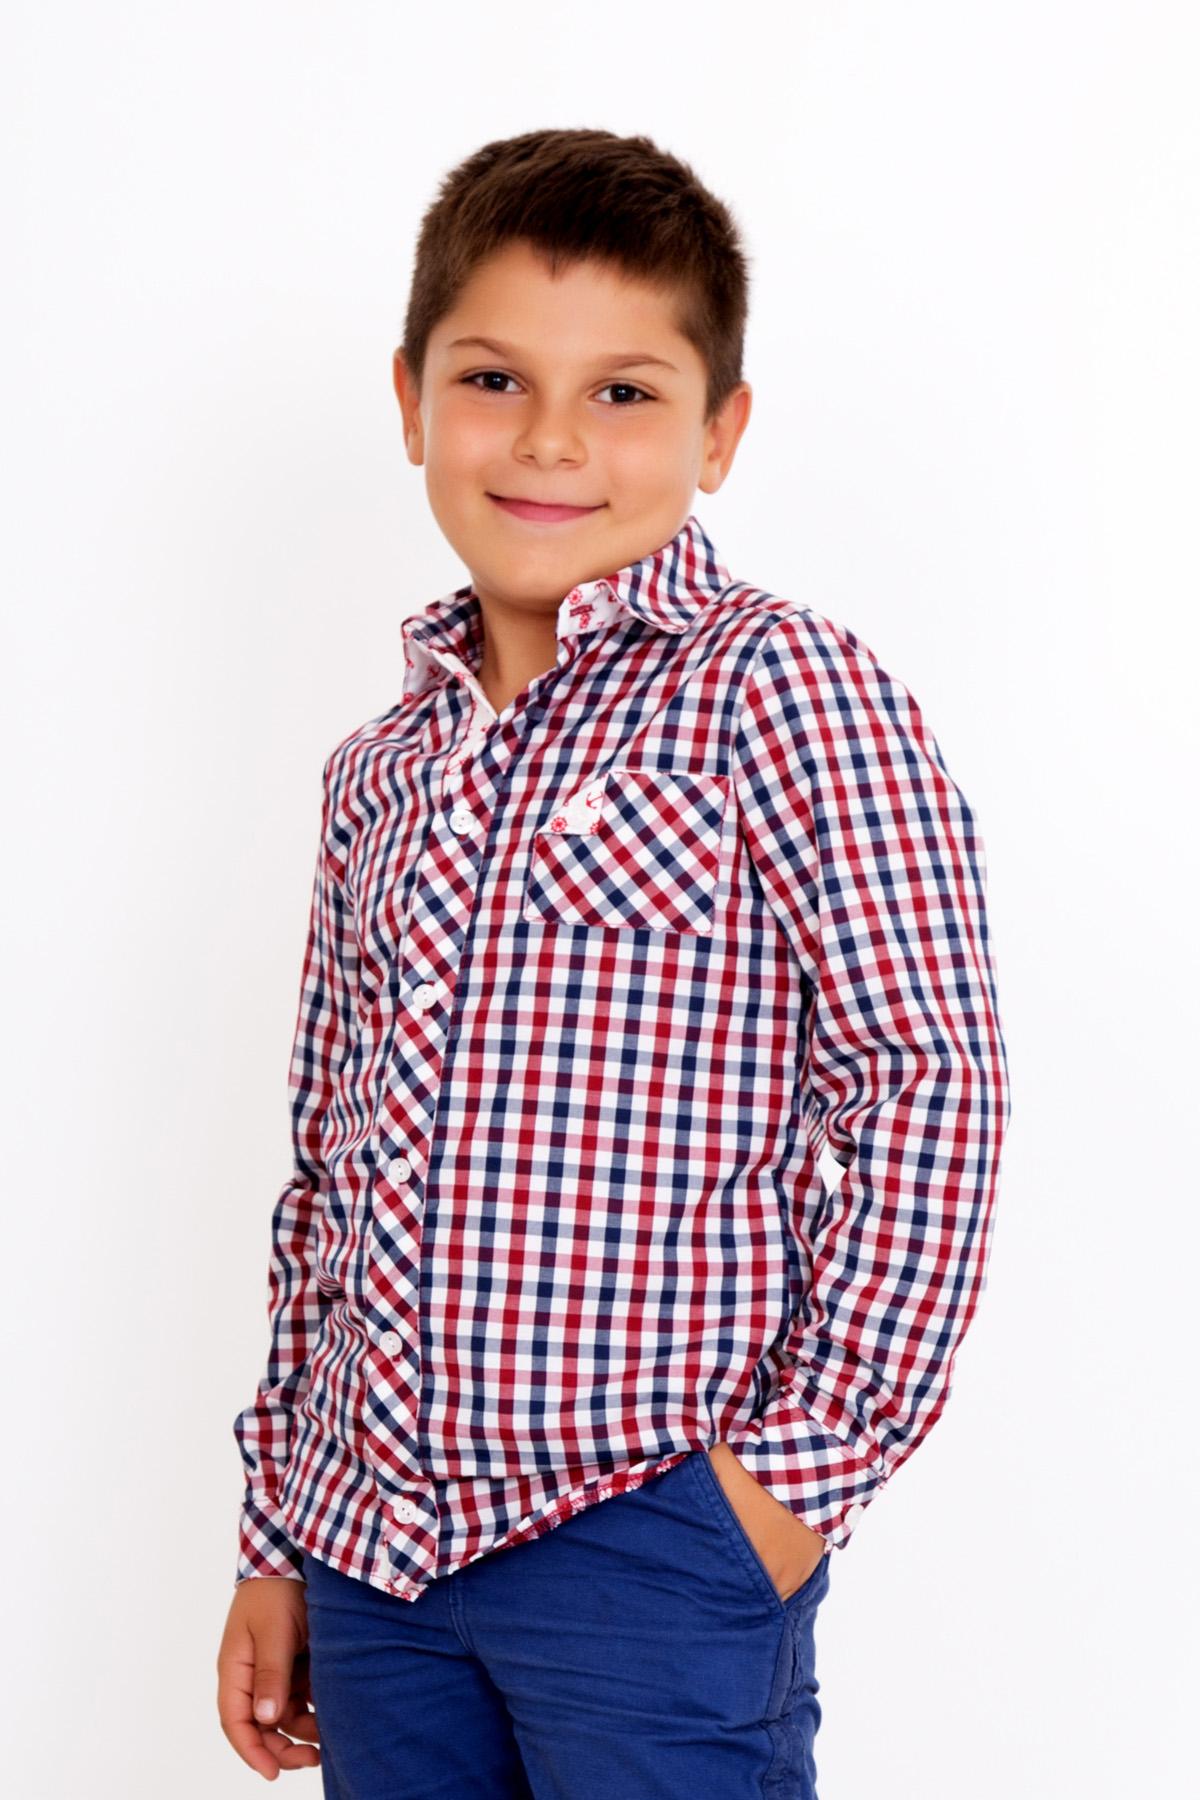 Дет. рубашка Мирослав р. 36Толстовки, джемпера и рубашки<br><br><br>Тип: Дет. рубашка<br>Размер: 36<br>Материал: Сорочечная перкаль